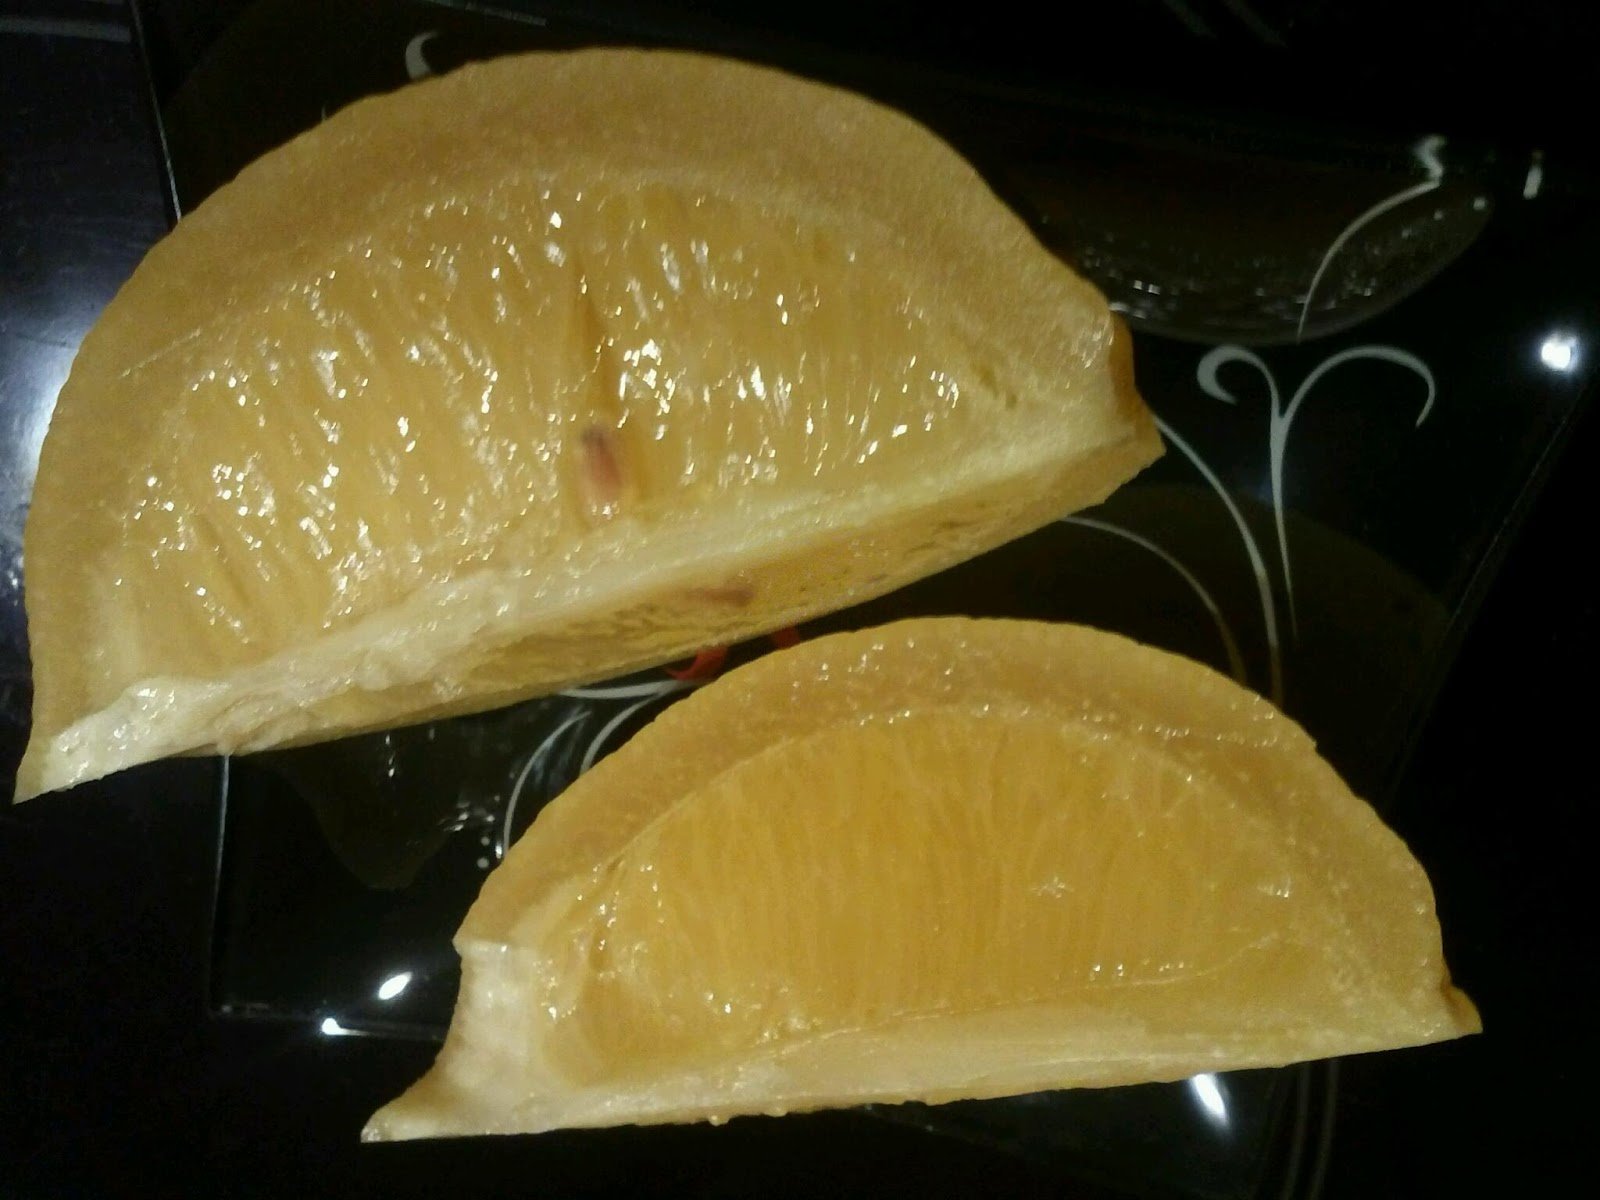 cocina a mi estilo: Limón confitado o limón en salmuera